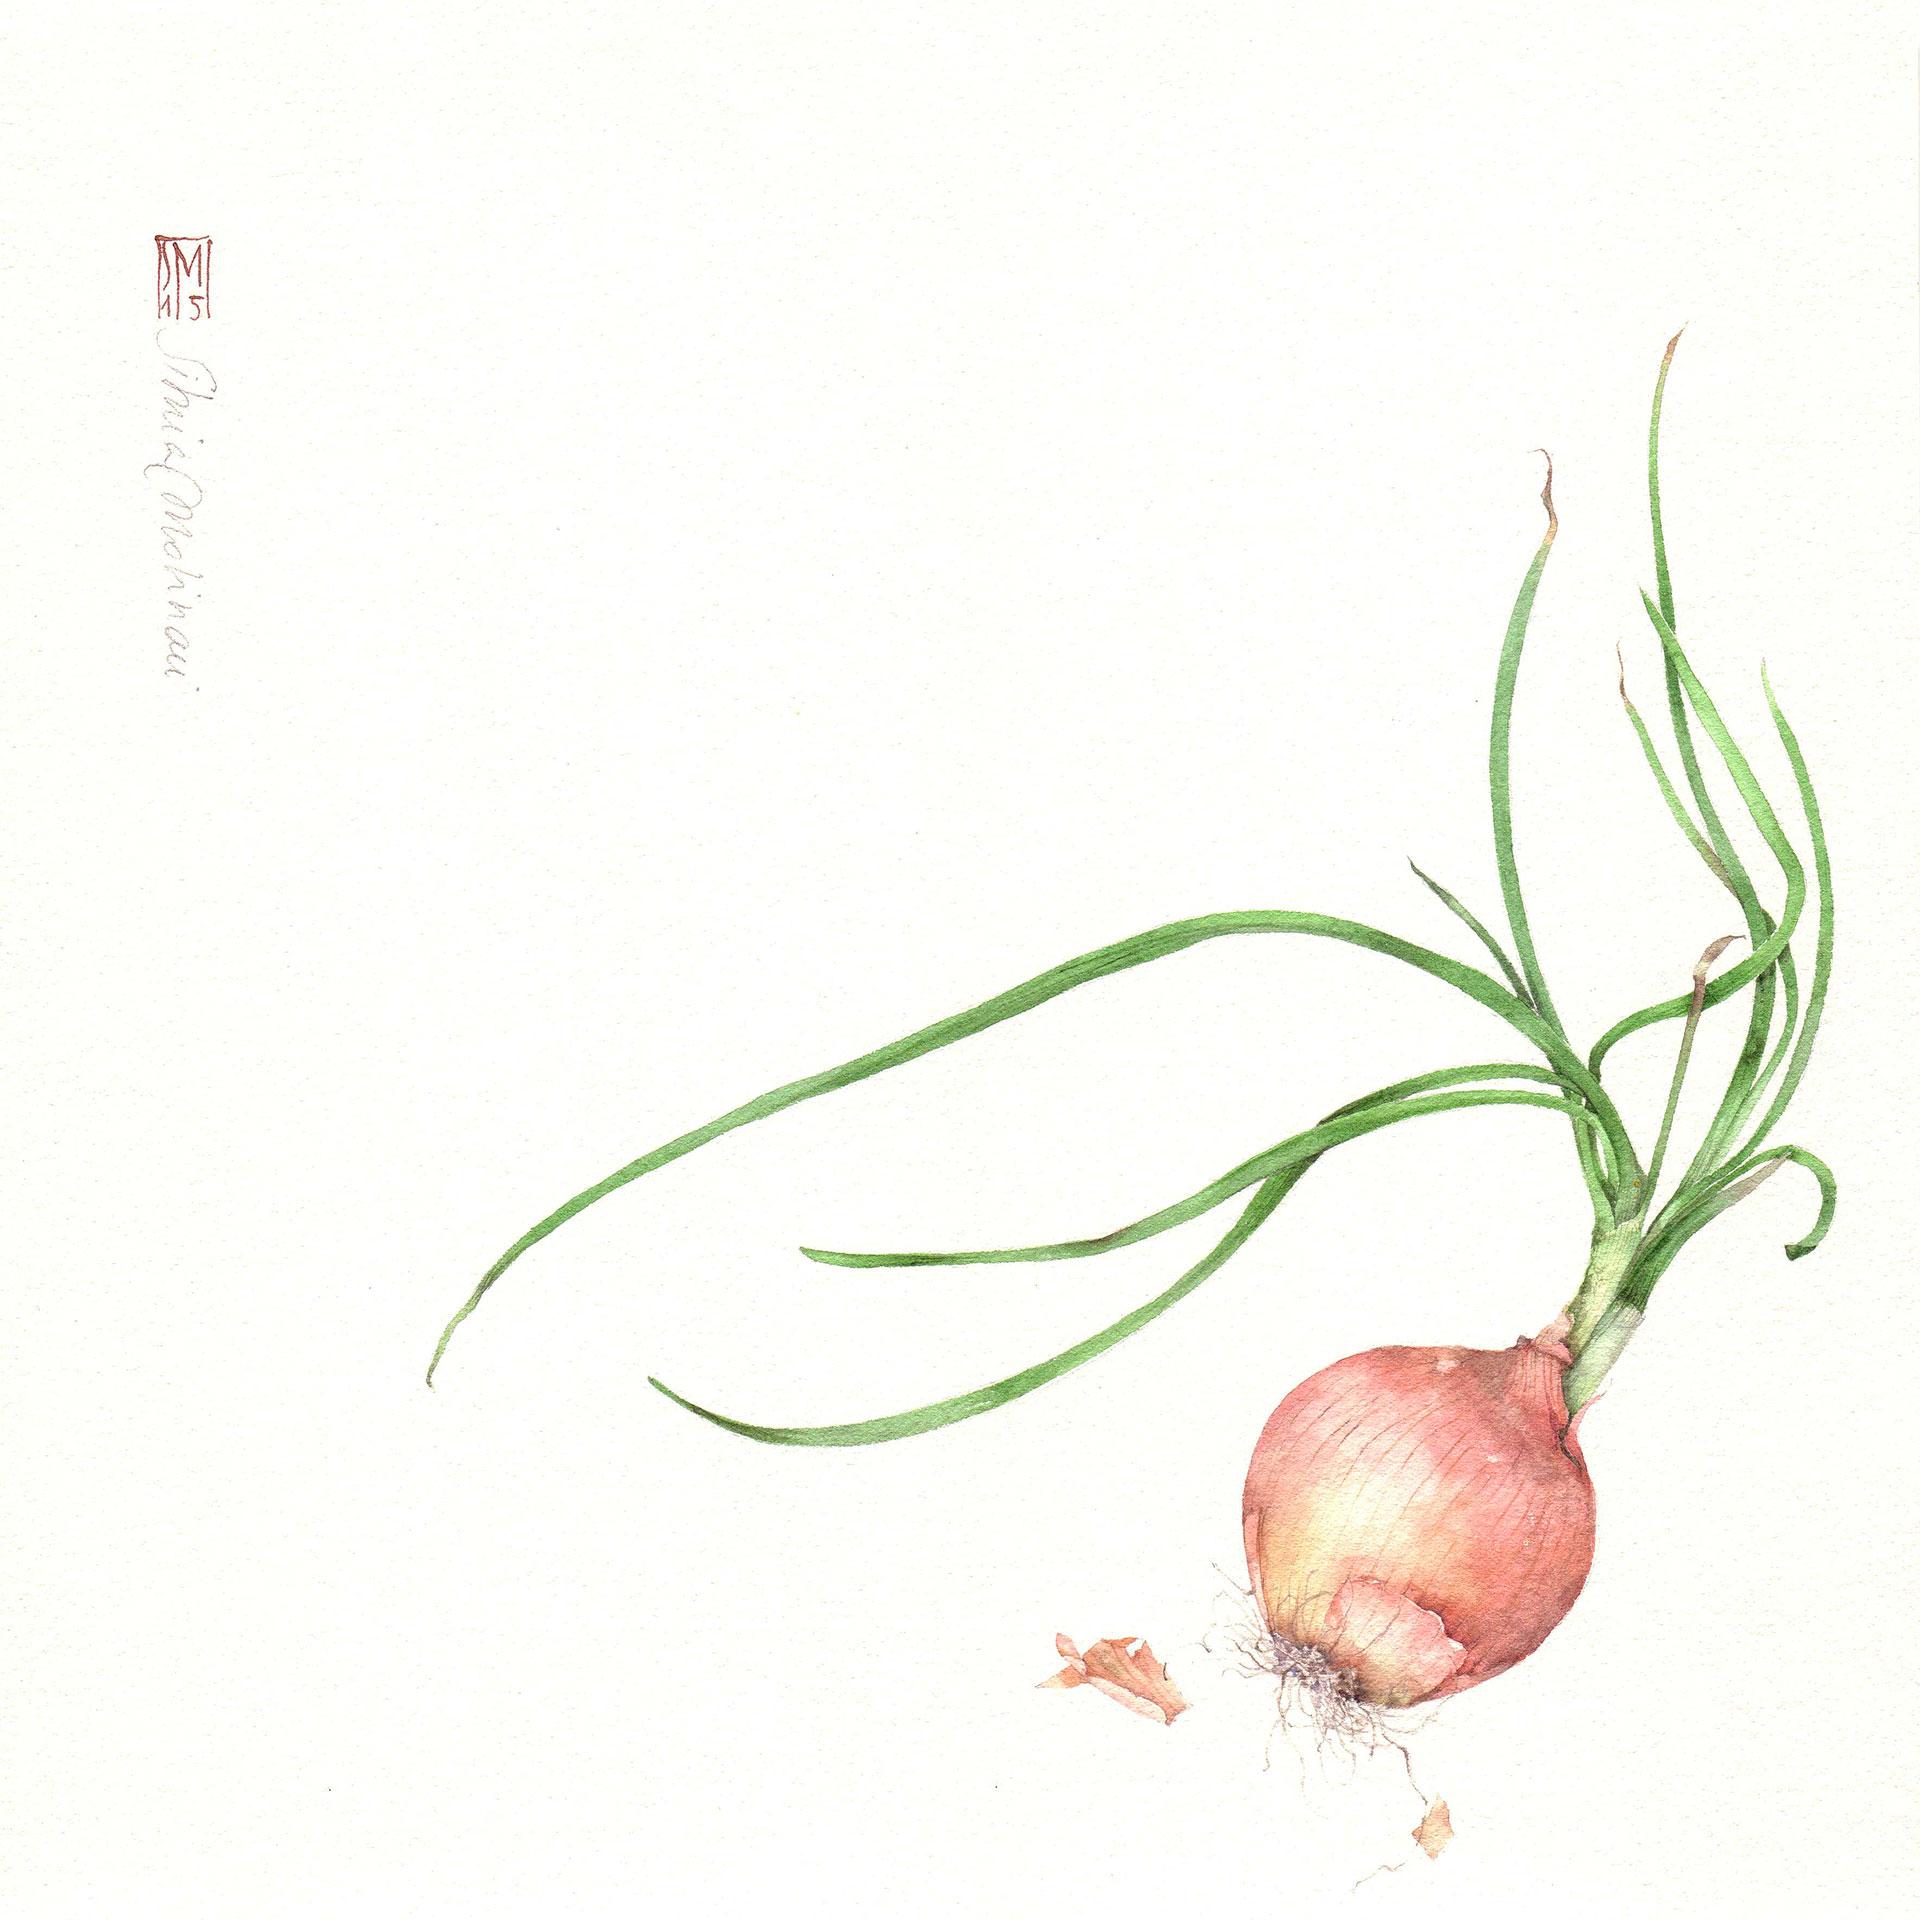 Preferenza Works - Silvia Molinari artista, acquerello botanico, disegno  AB37